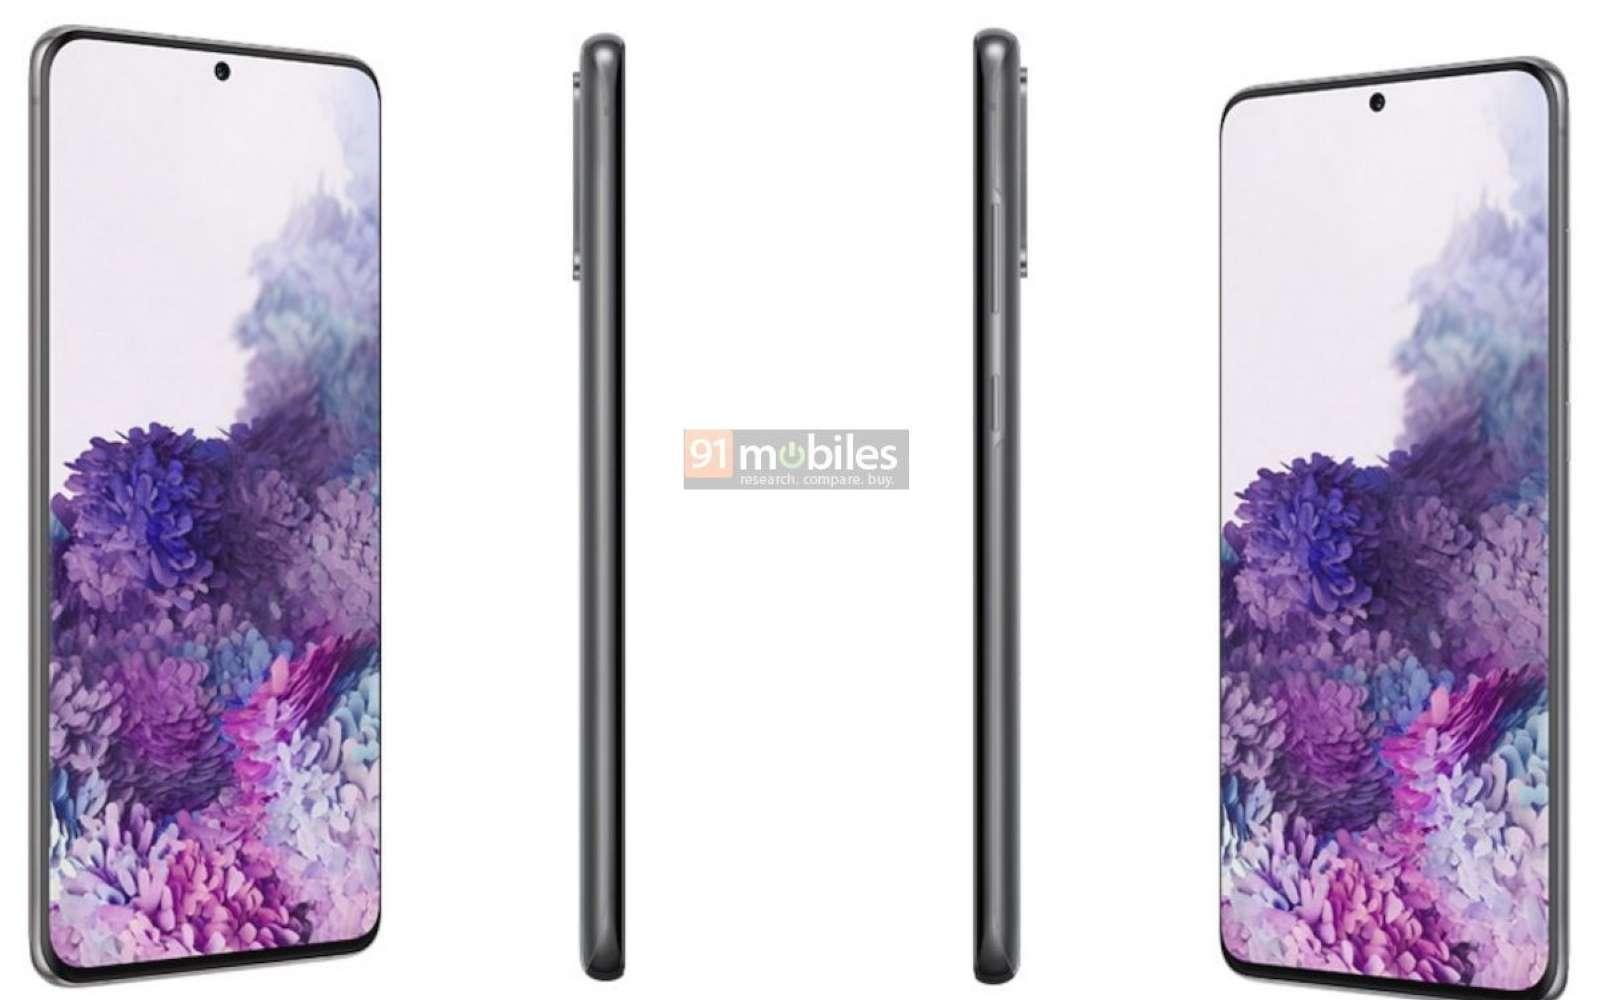 Samsung Galaxy S20, S20+ et S20 Ultra, les mobiles premium de la marque dévoilent leurs contours quelques semaines avant leur sortie. © 91Mobile